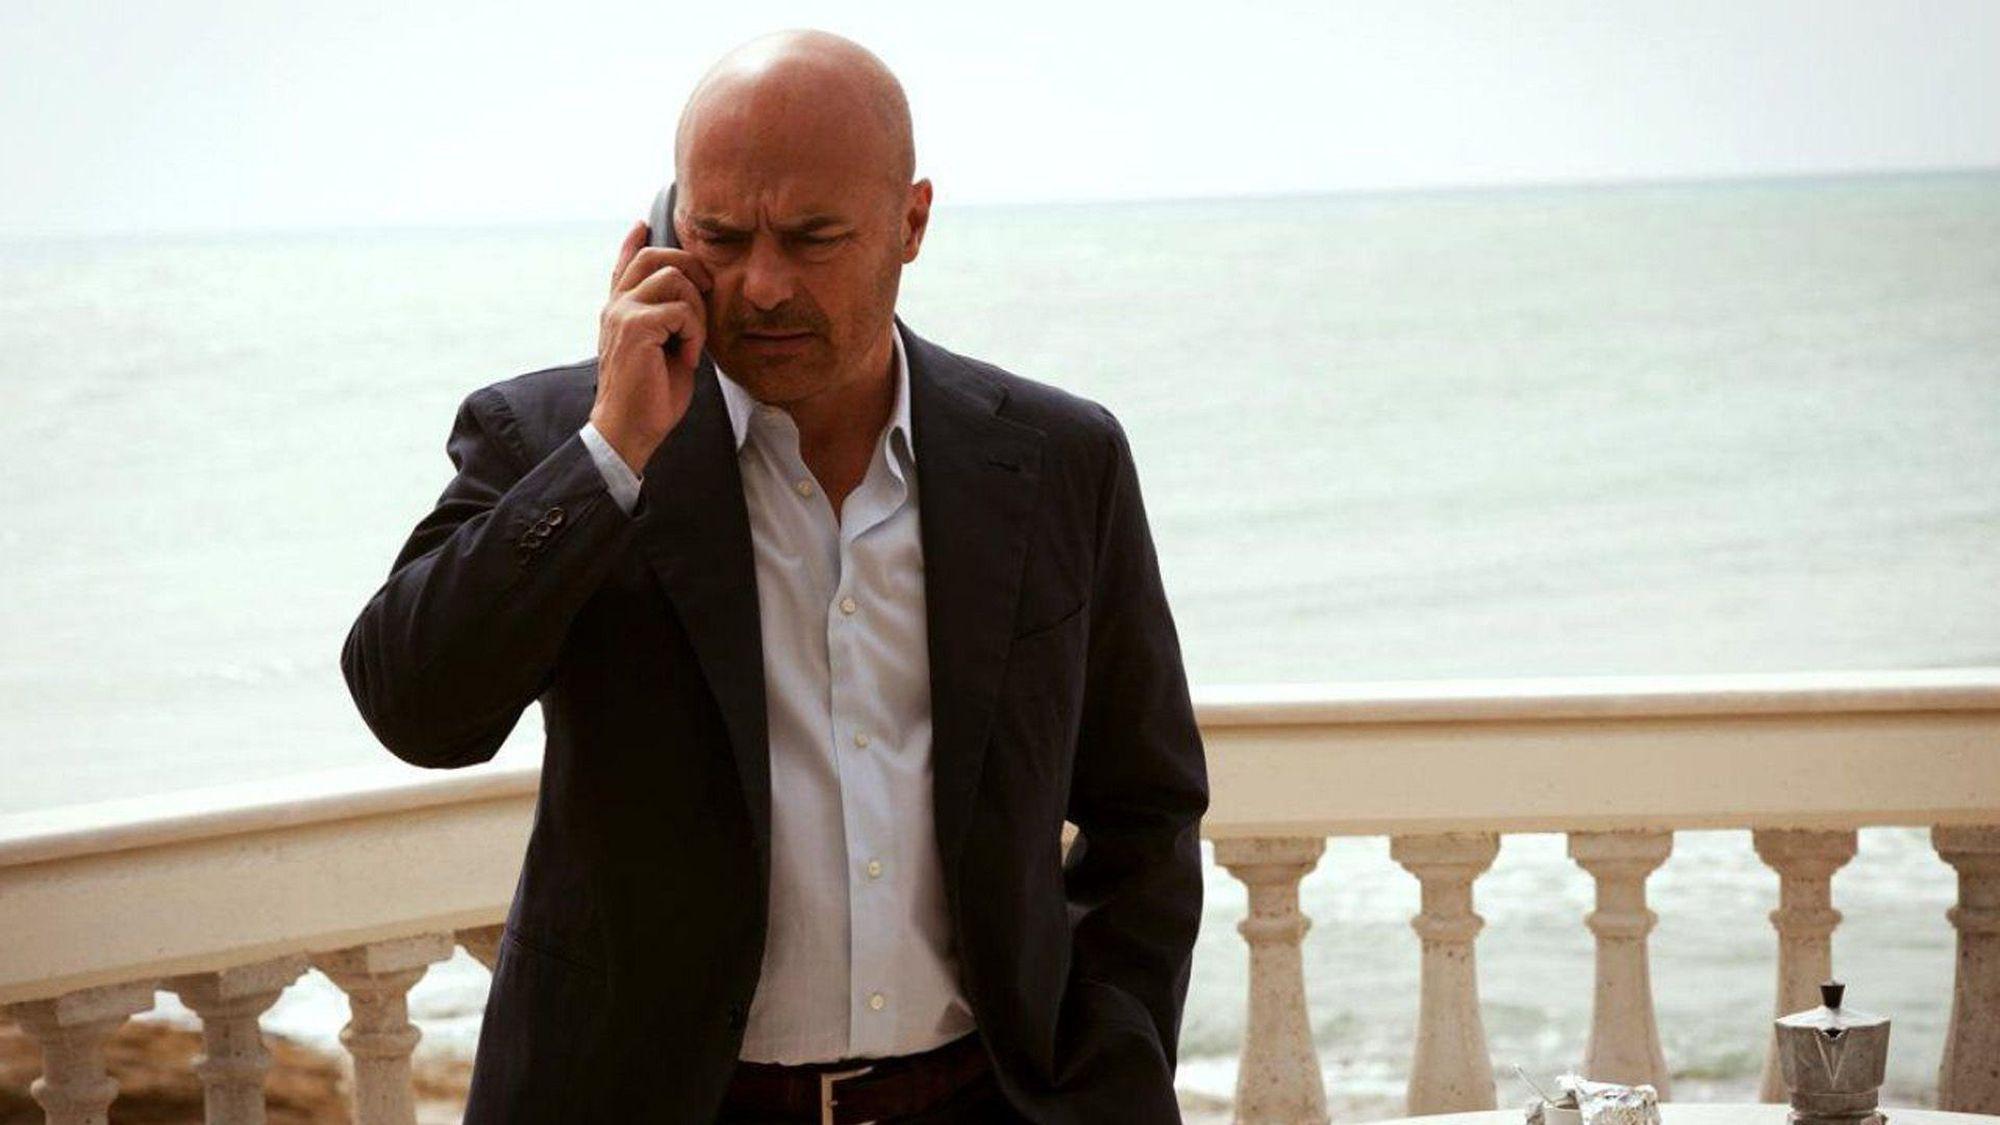 Il Commissario Montalbano con Luca Zingaretti in streaming, diretta tv, dove vederlo, replica